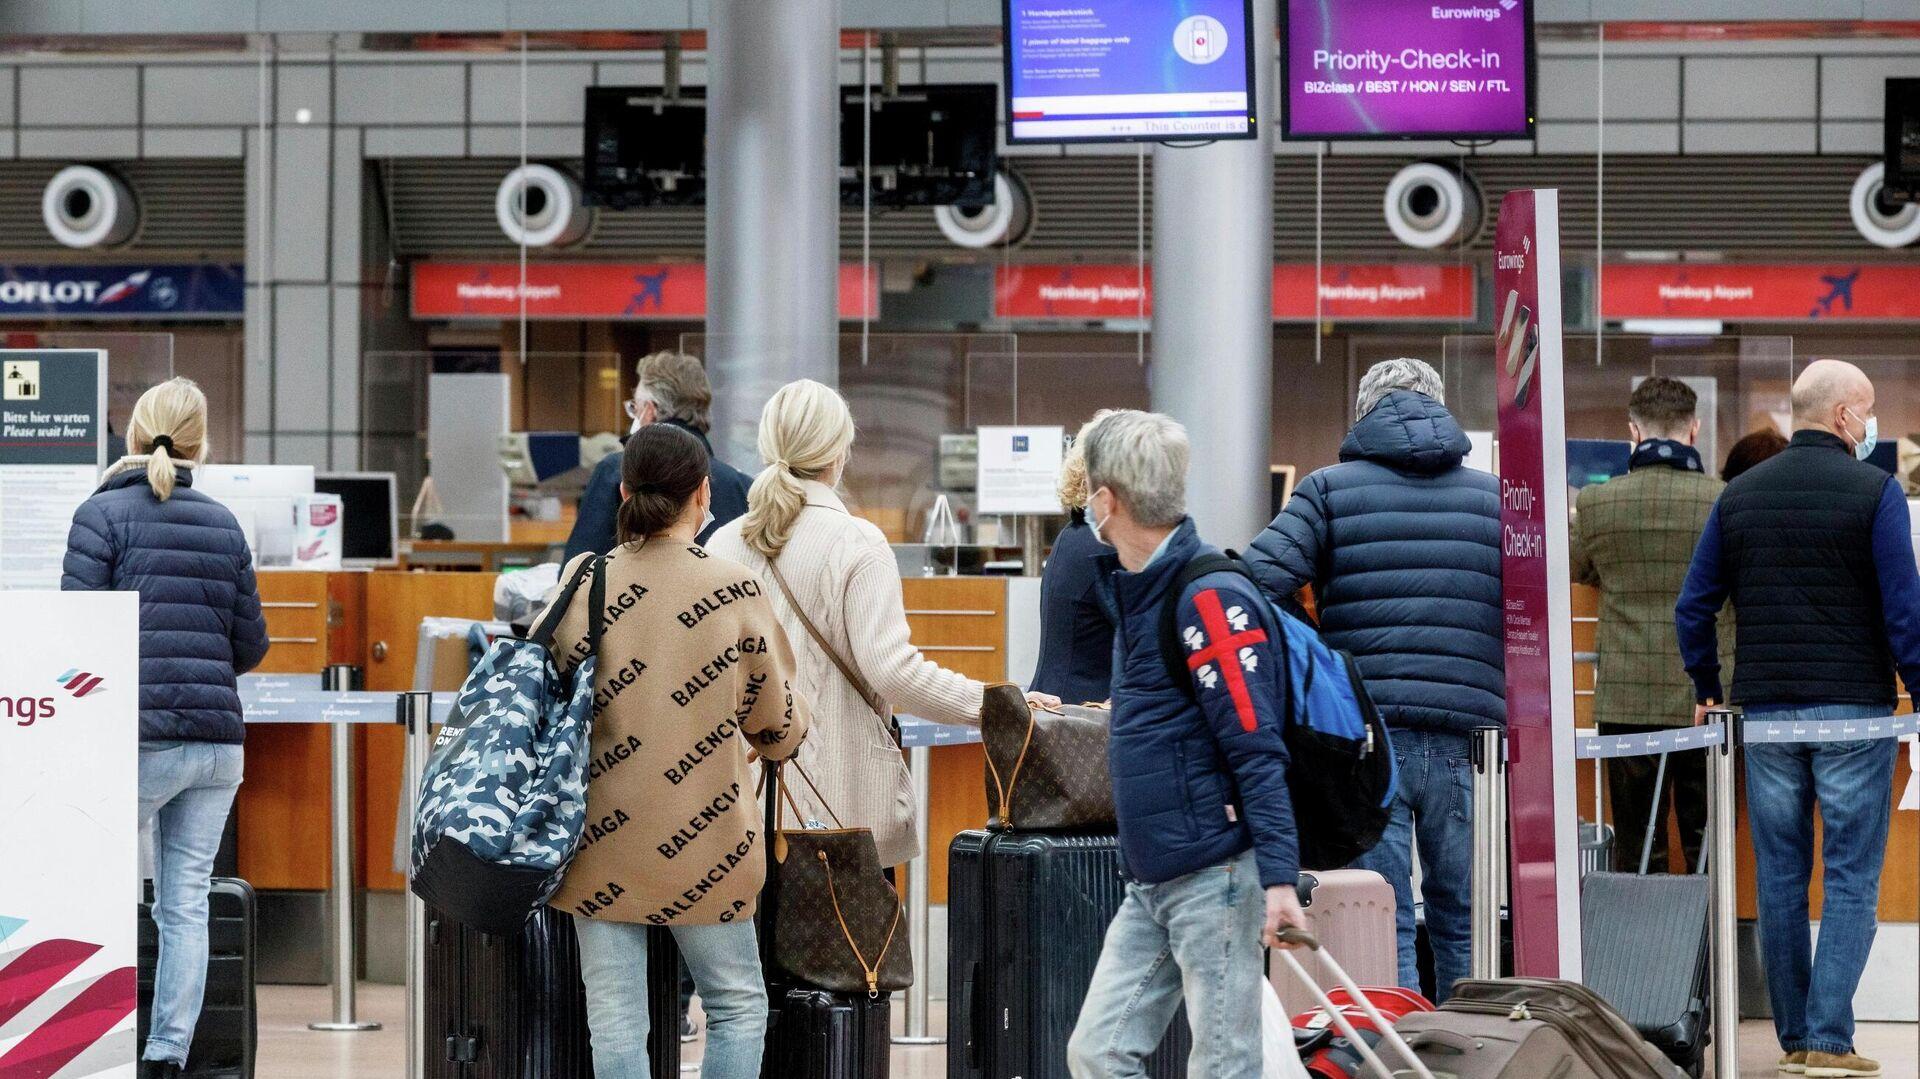 Pasajeros en el aeropuerto de Hamburgo, Alemania, se preparan para ir a Palma de Mallorca. 14 de marzo de 2021. - Sputnik Mundo, 1920, 29.03.2021